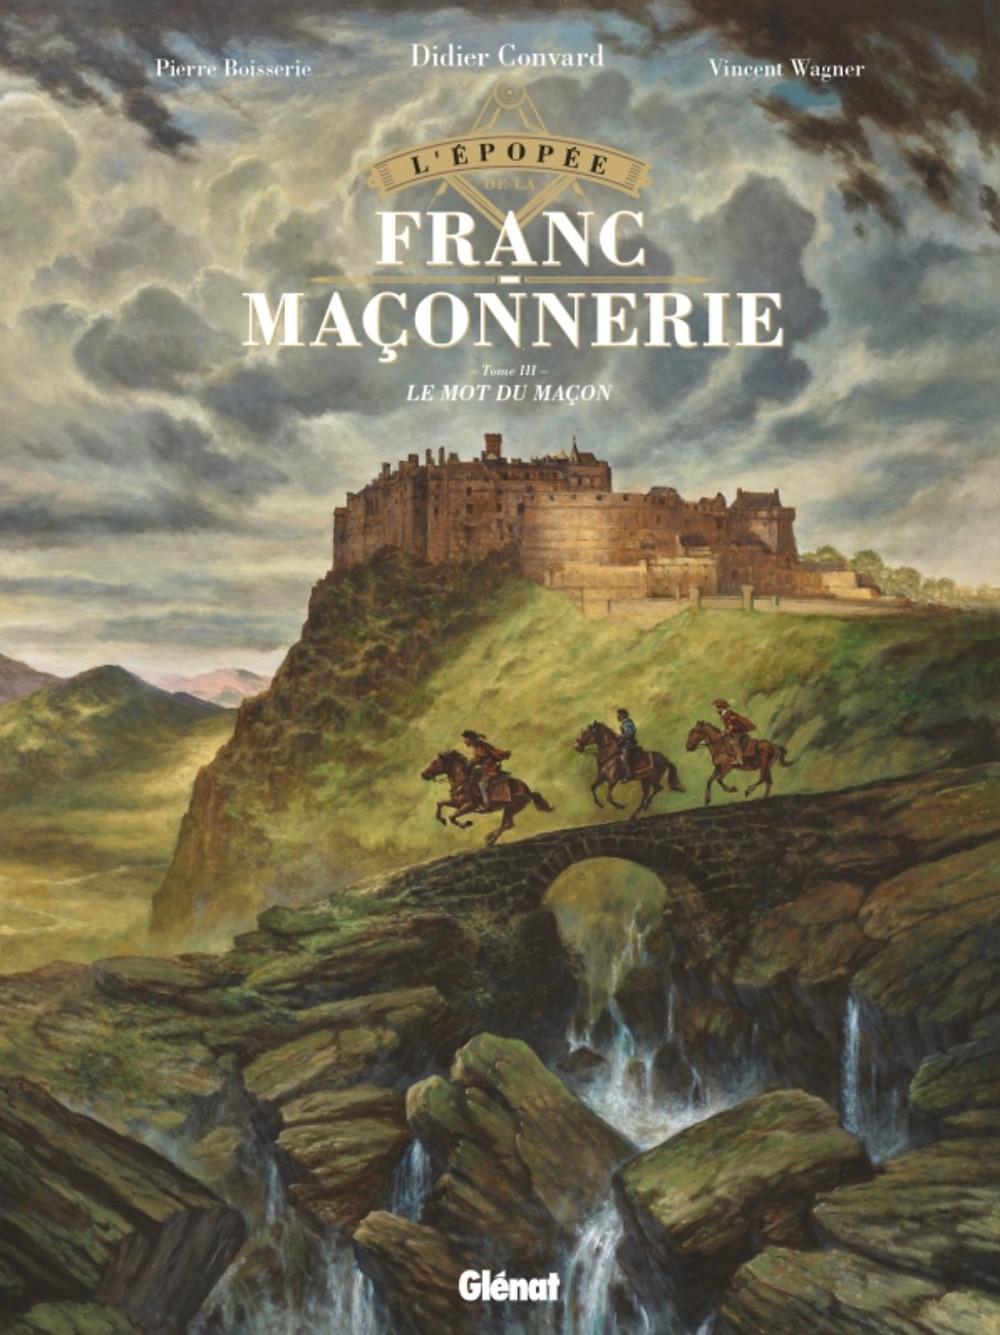 L'épopée de la Franc-Maçonnerie - Le mot du maçon / Blog de la Glif